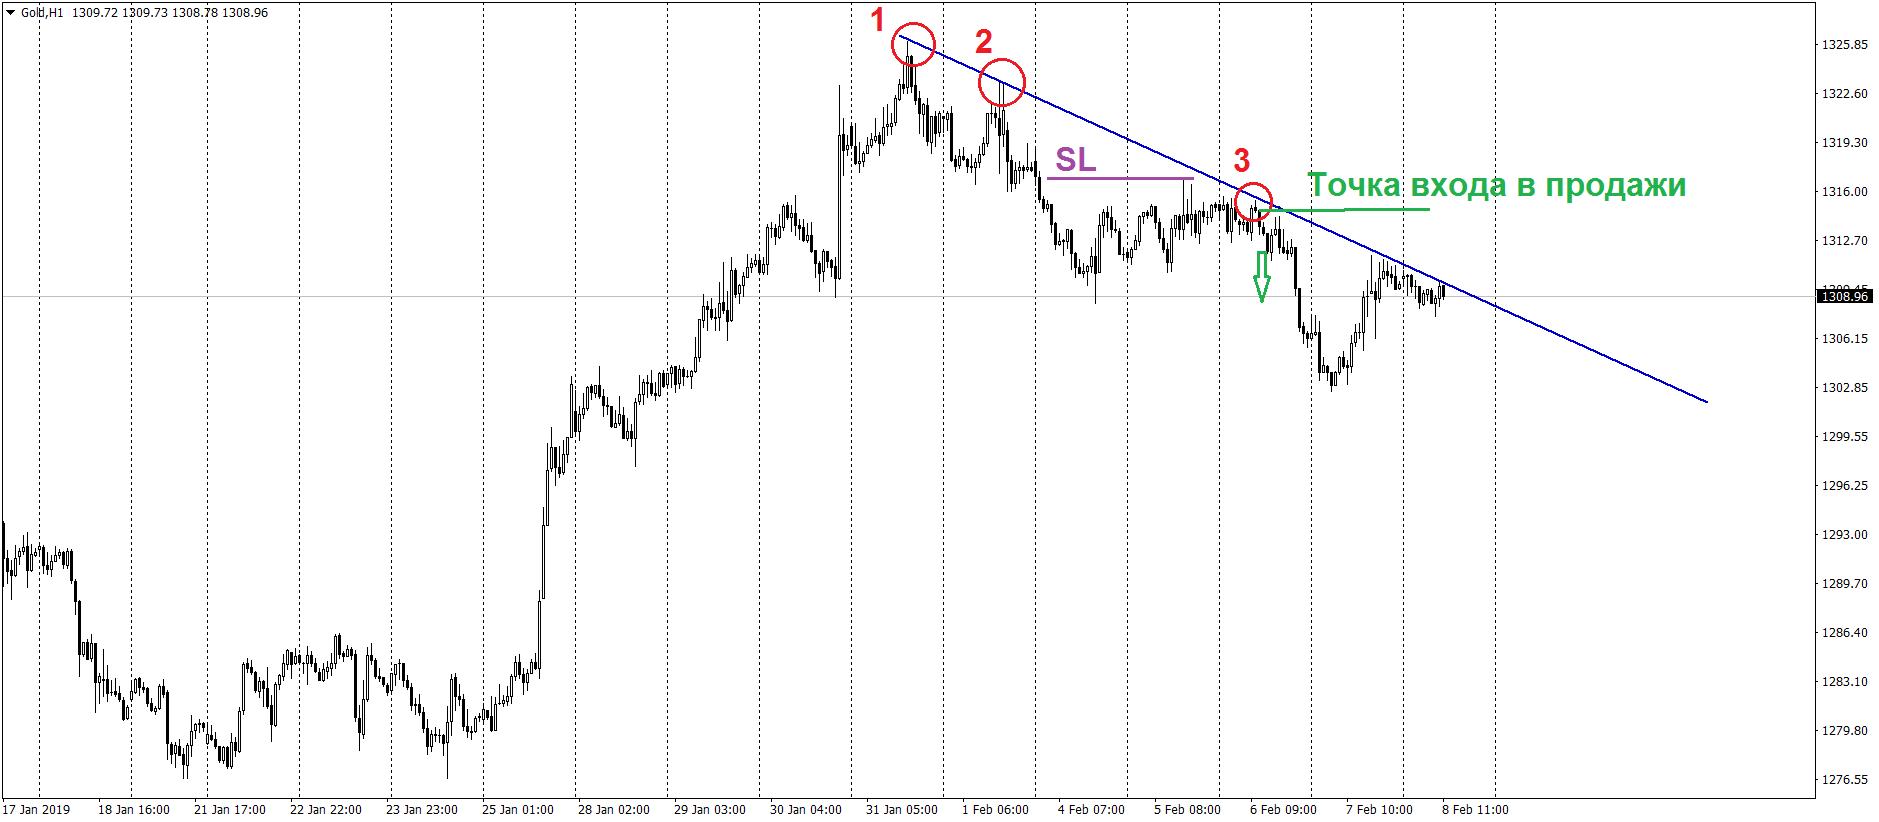 Пример точного входа по стратегии следования за трендом